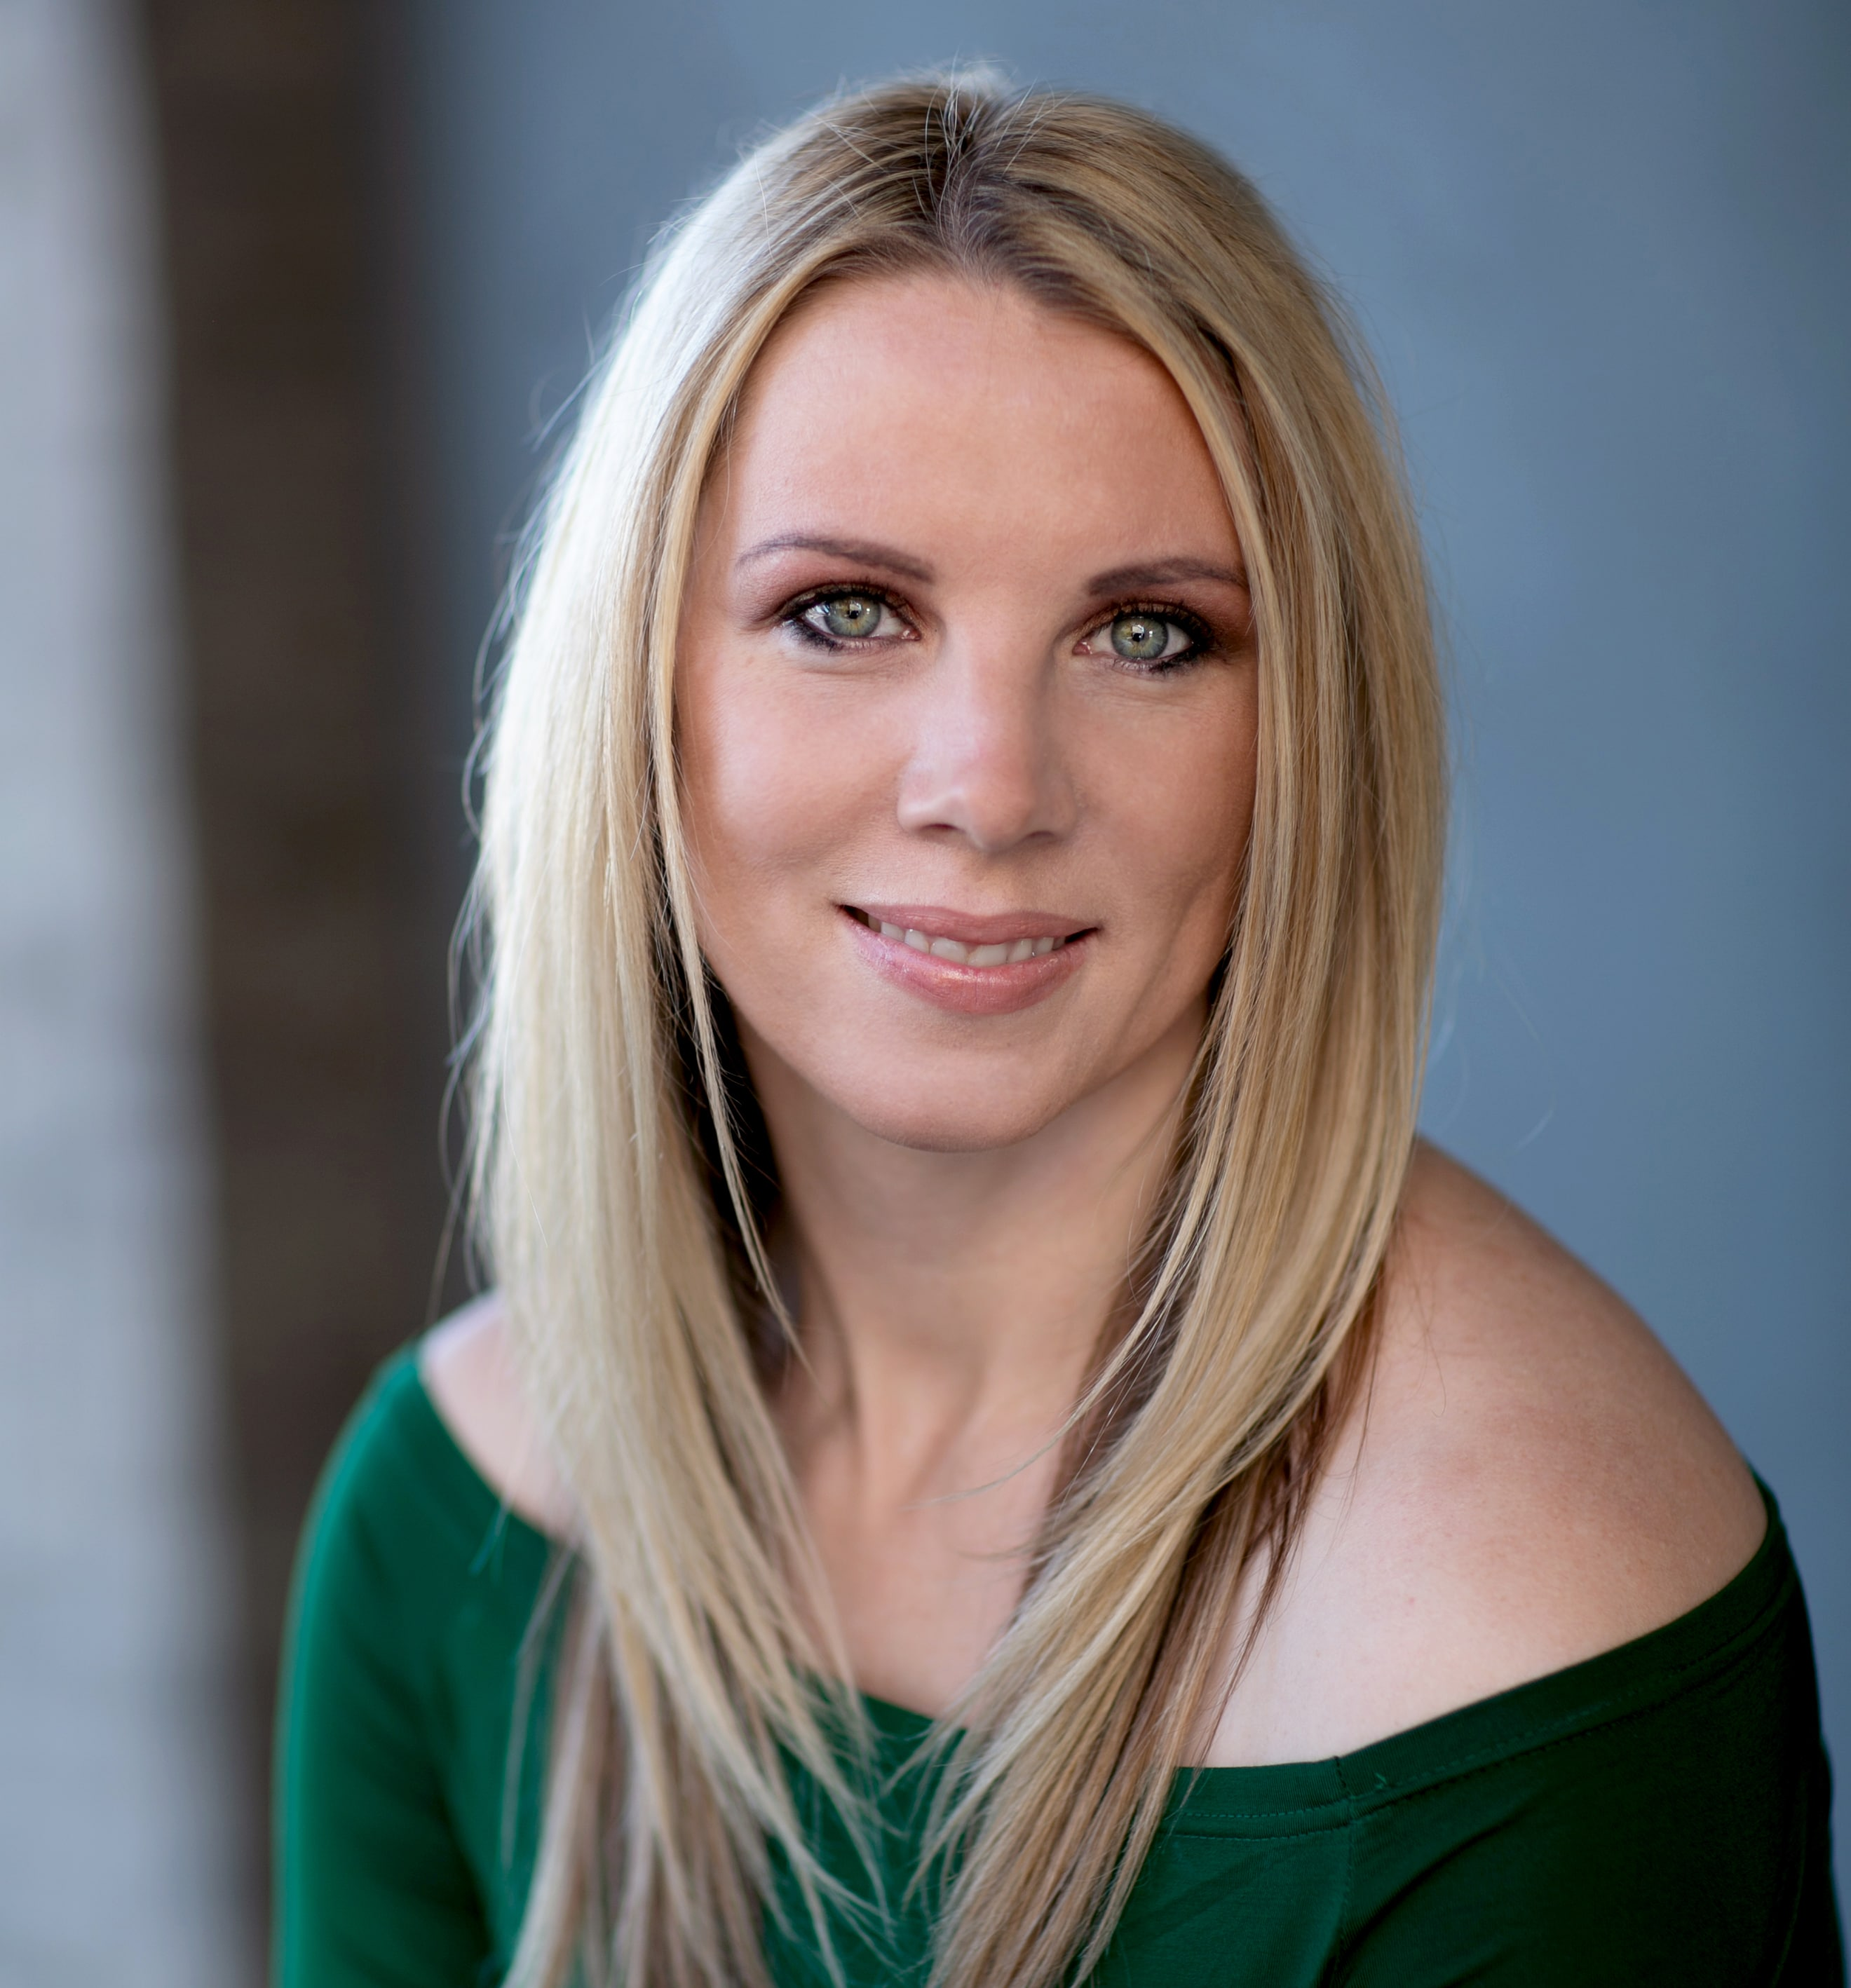 Angela Canady